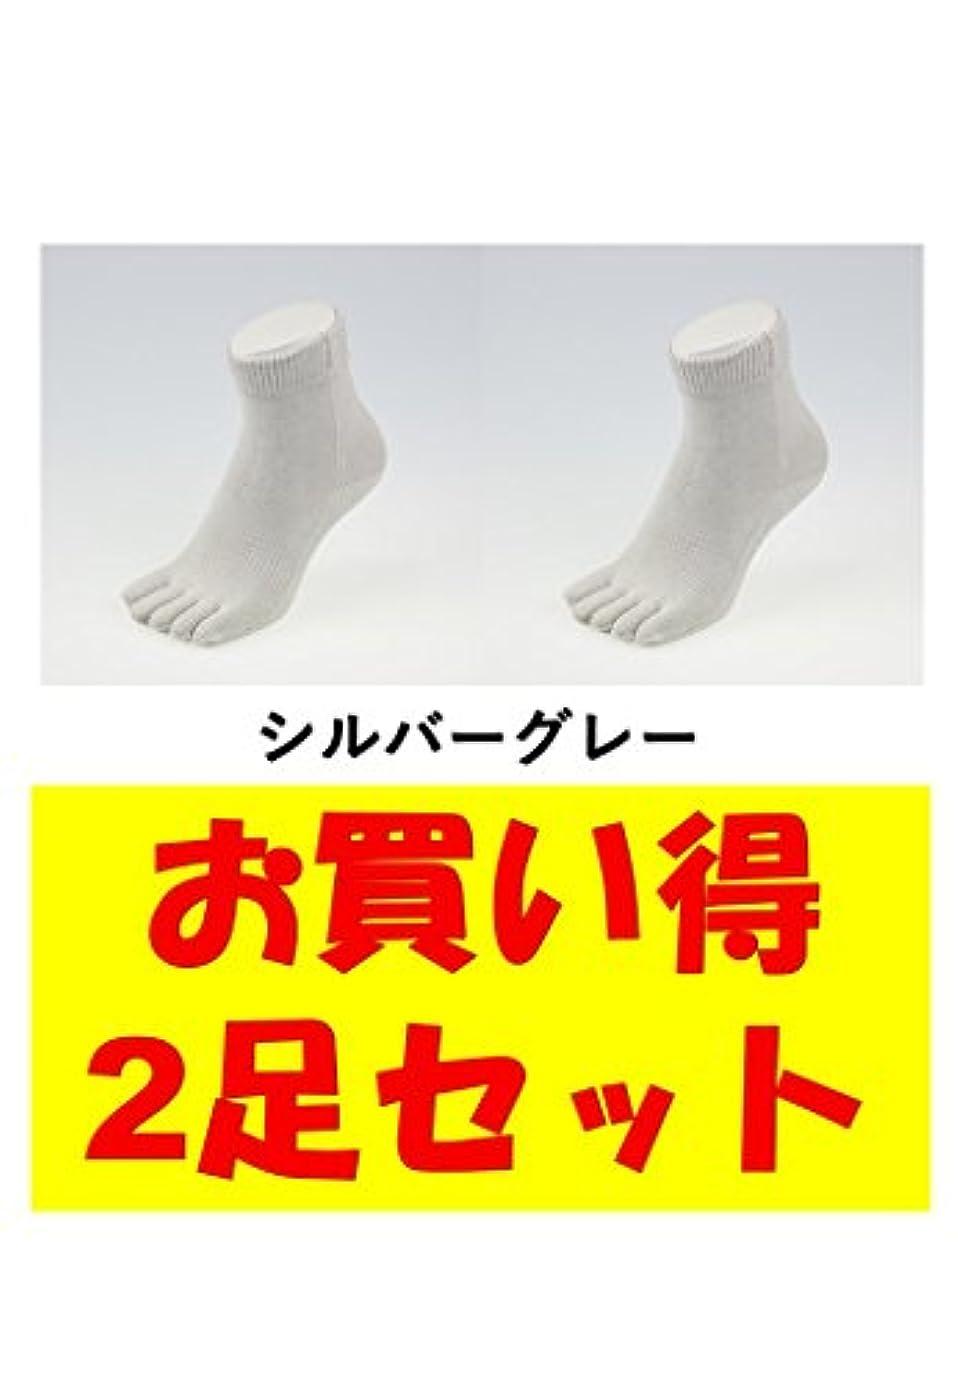 ほこりっぽいエイリアンもお買い得2足セット 5本指 ゆびのばソックス Neo EVE(イヴ) シルバーグレー Sサイズ(21.0cm - 24.0cm) YSNEVE-SGL